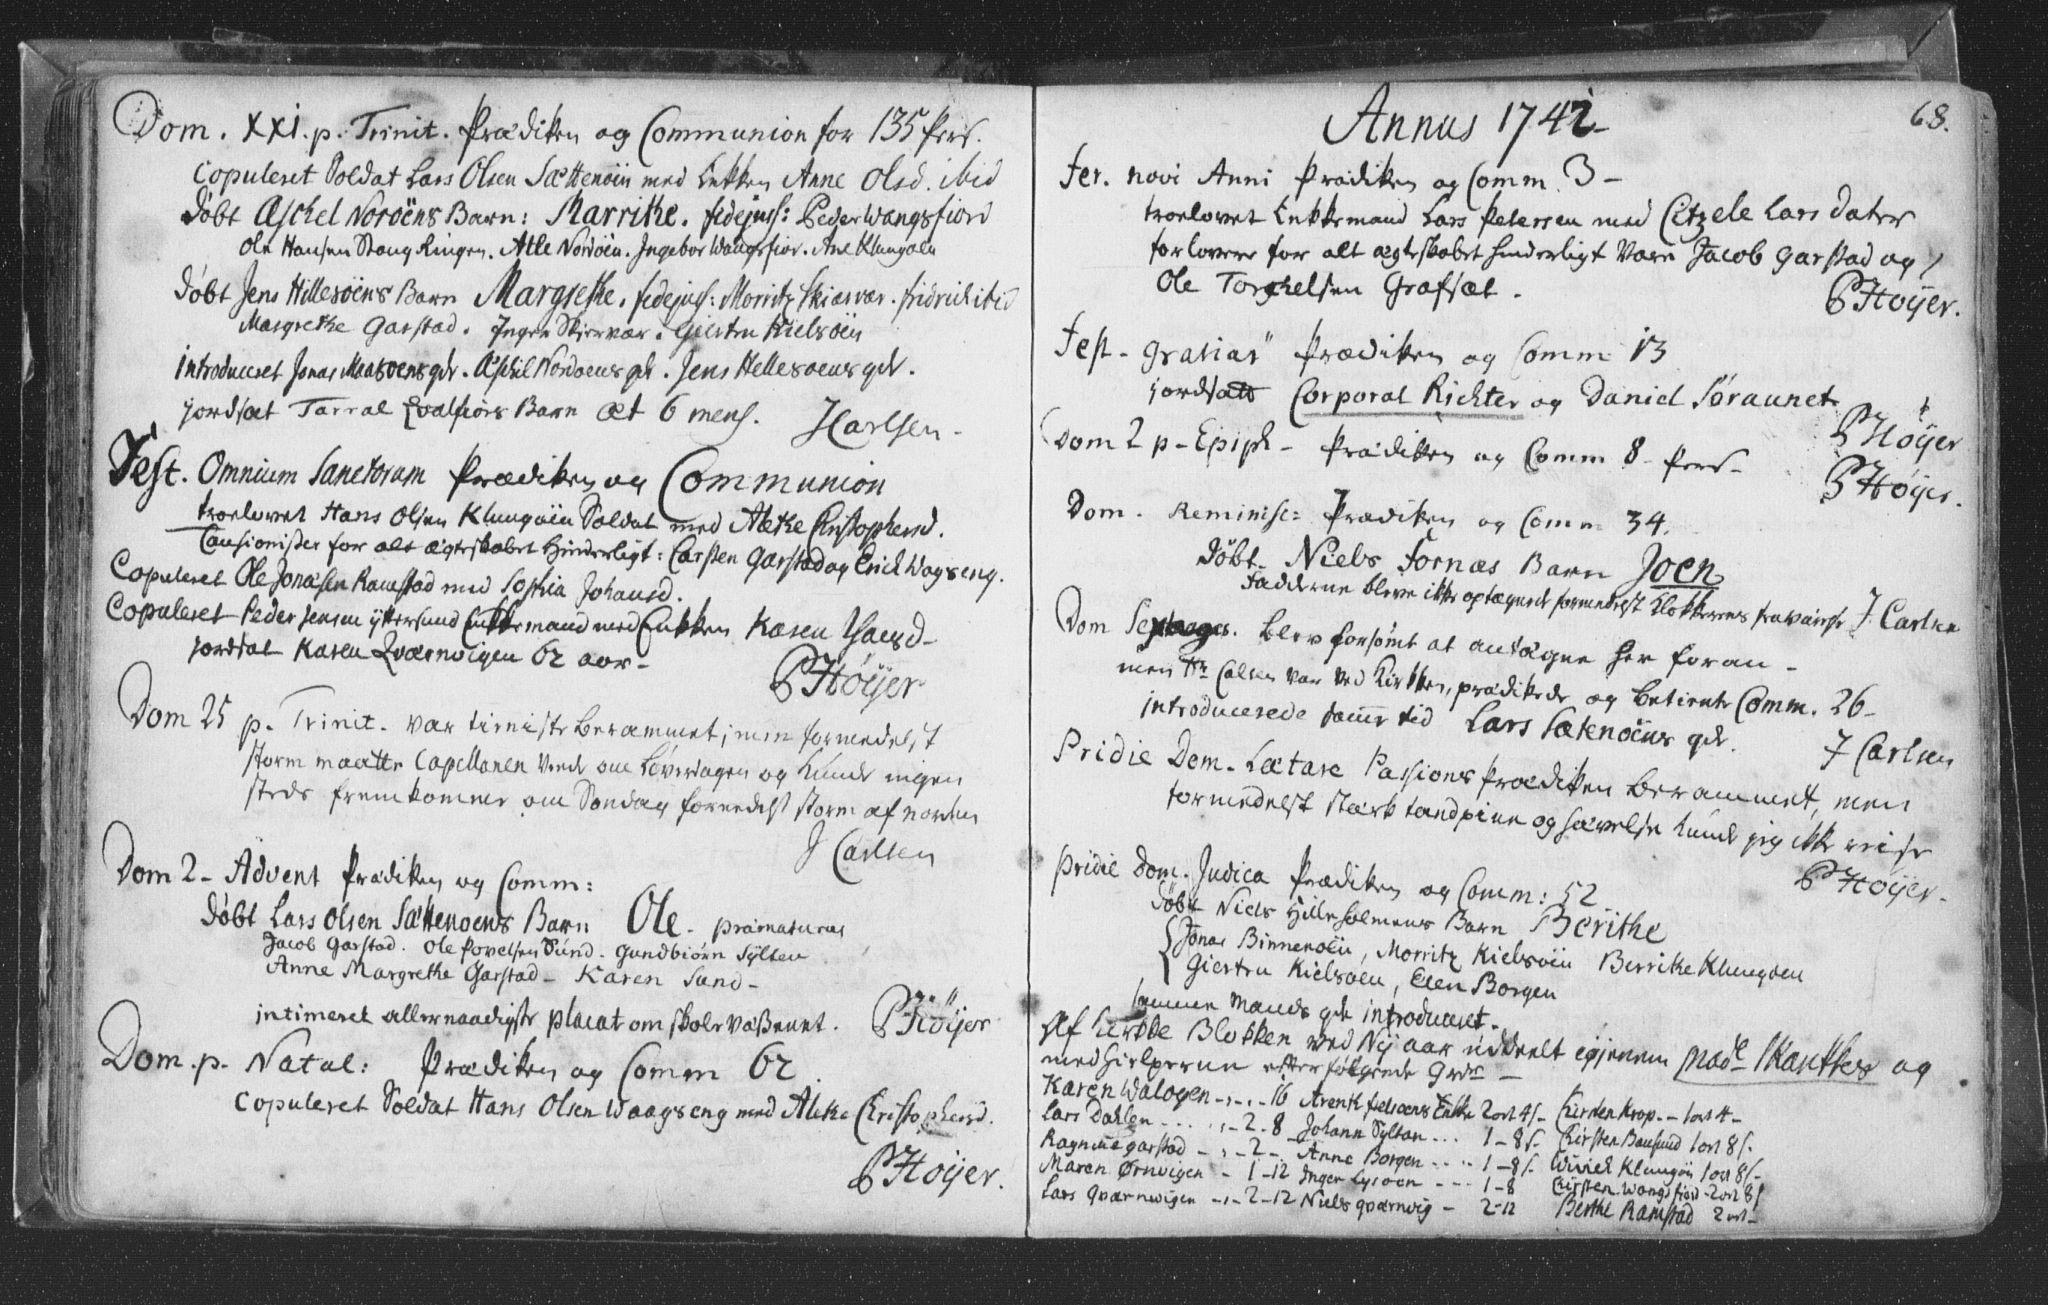 SAT, Ministerialprotokoller, klokkerbøker og fødselsregistre - Nord-Trøndelag, 786/L0685: Ministerialbok nr. 786A01, 1710-1798, s. 68